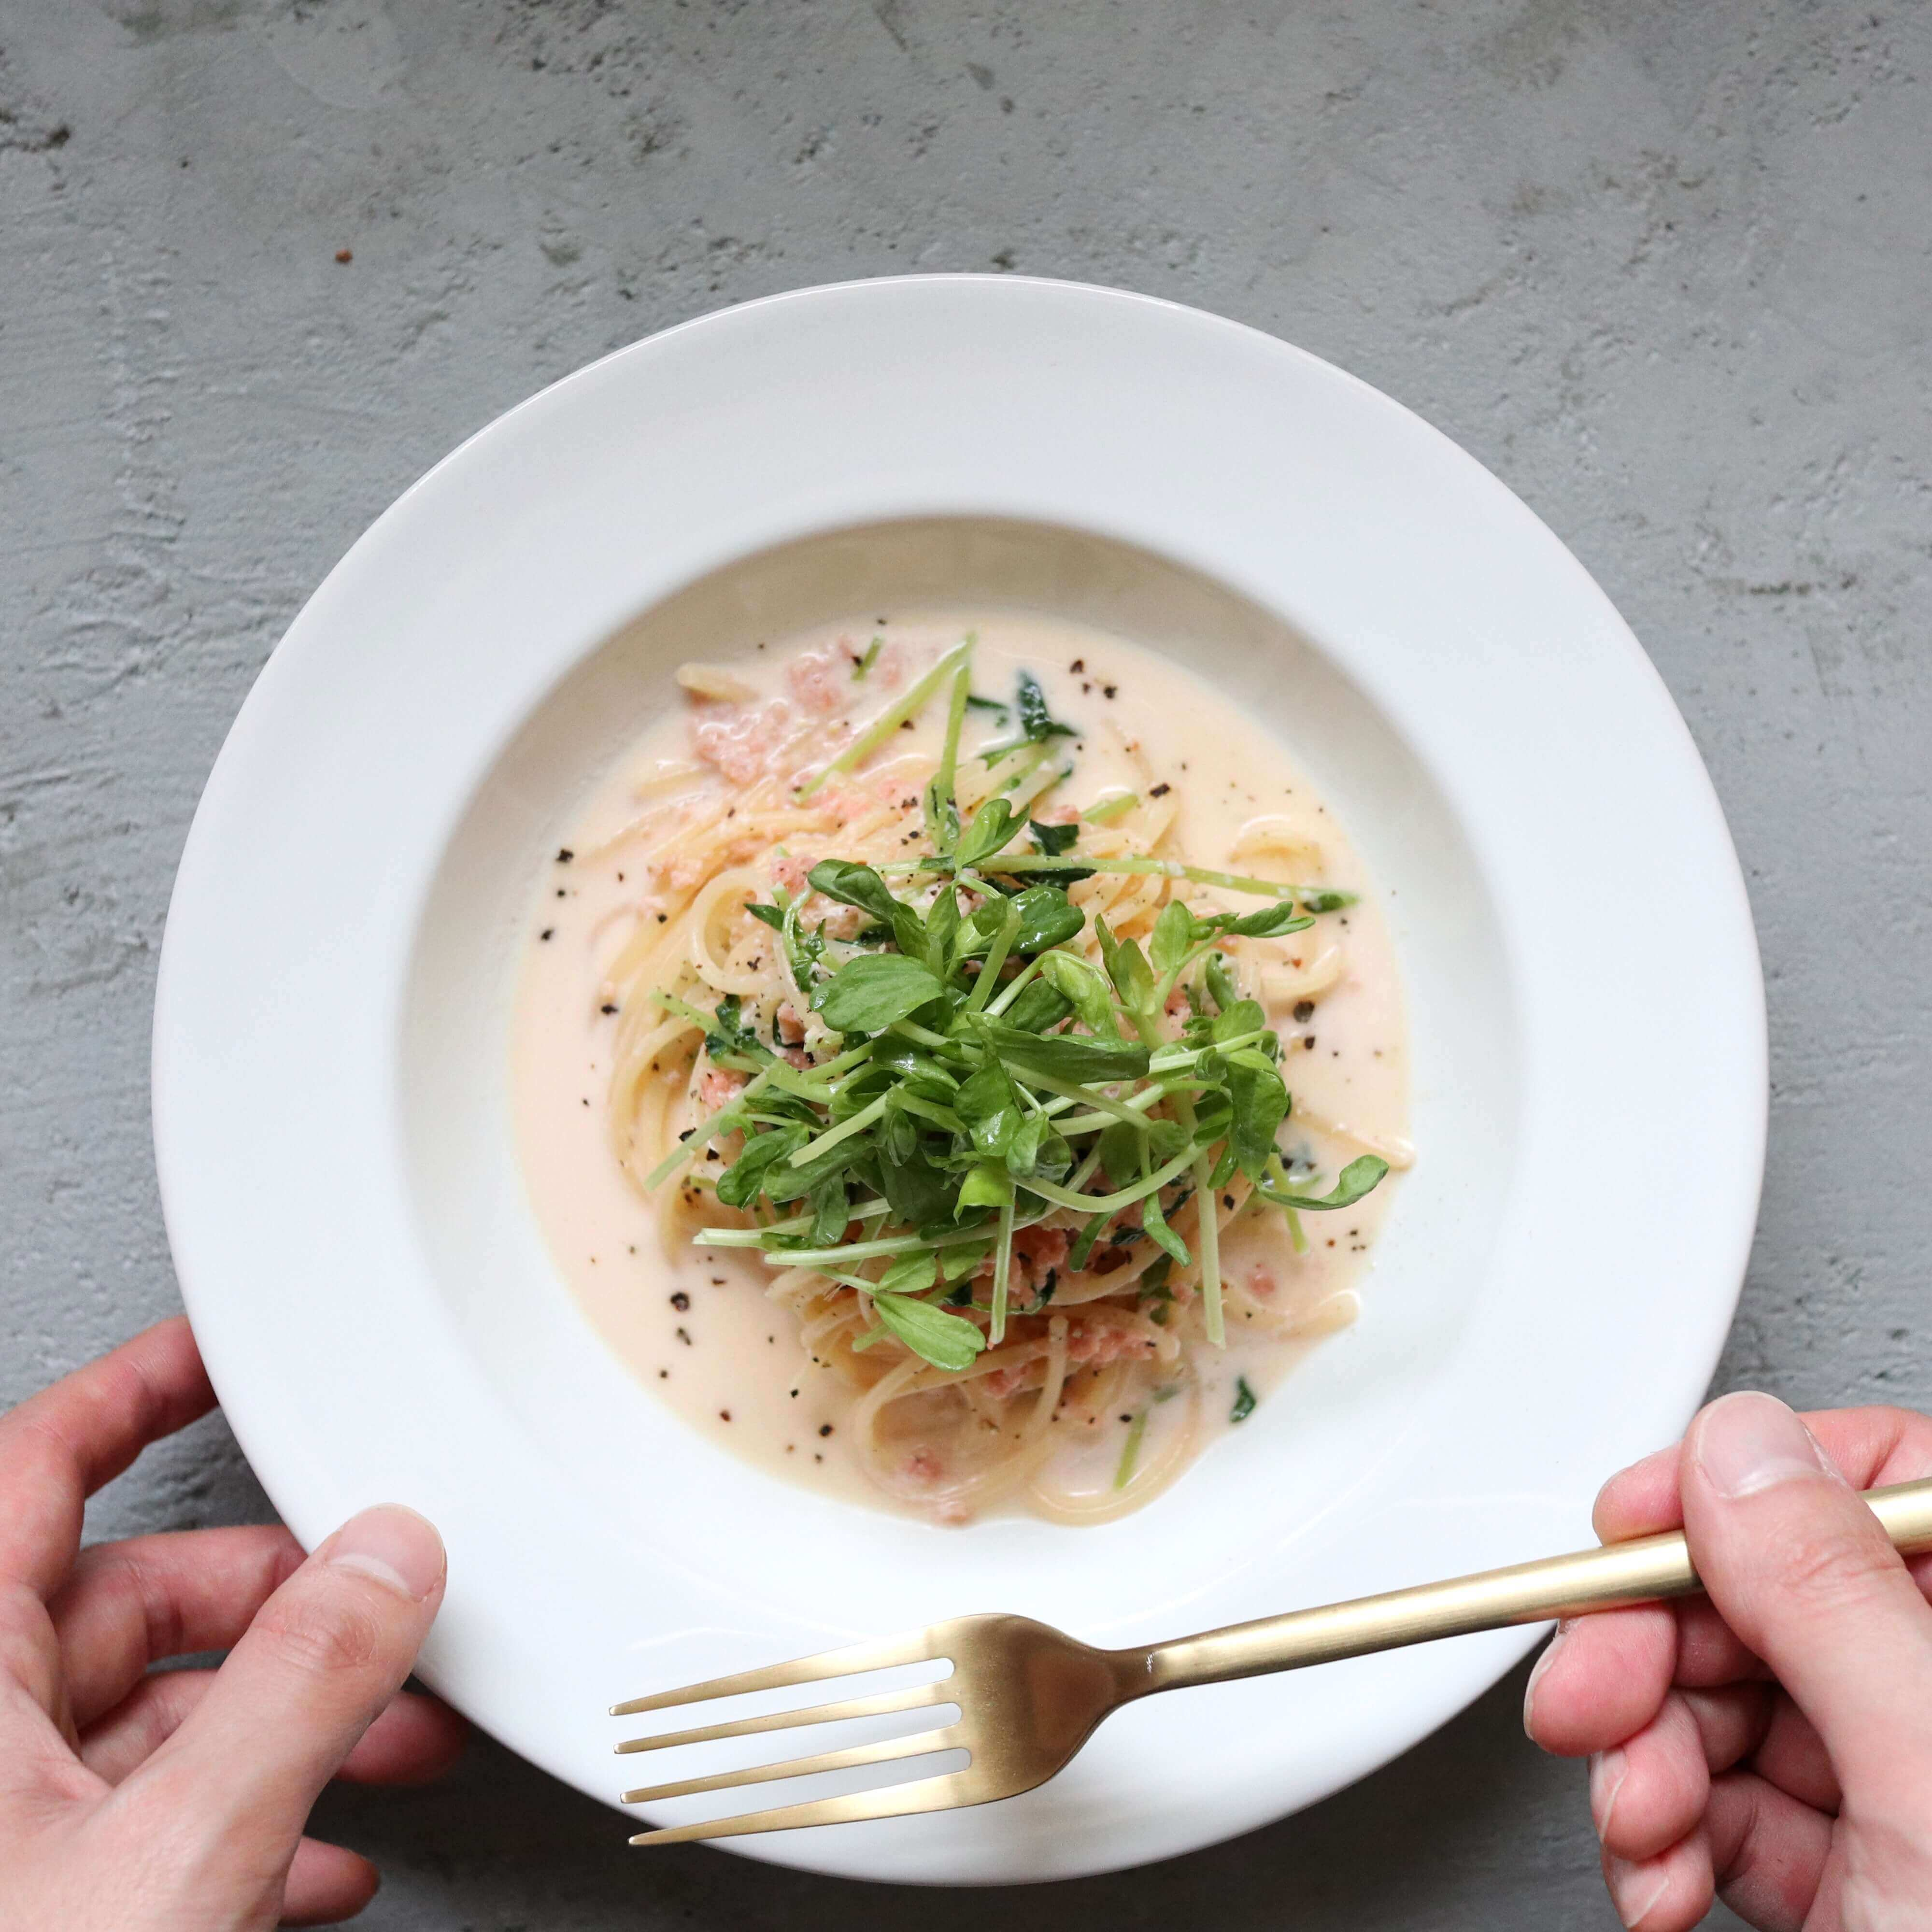 【鮭フレークで作る】鮭と豆苗のクリームスープパスタのレシピ